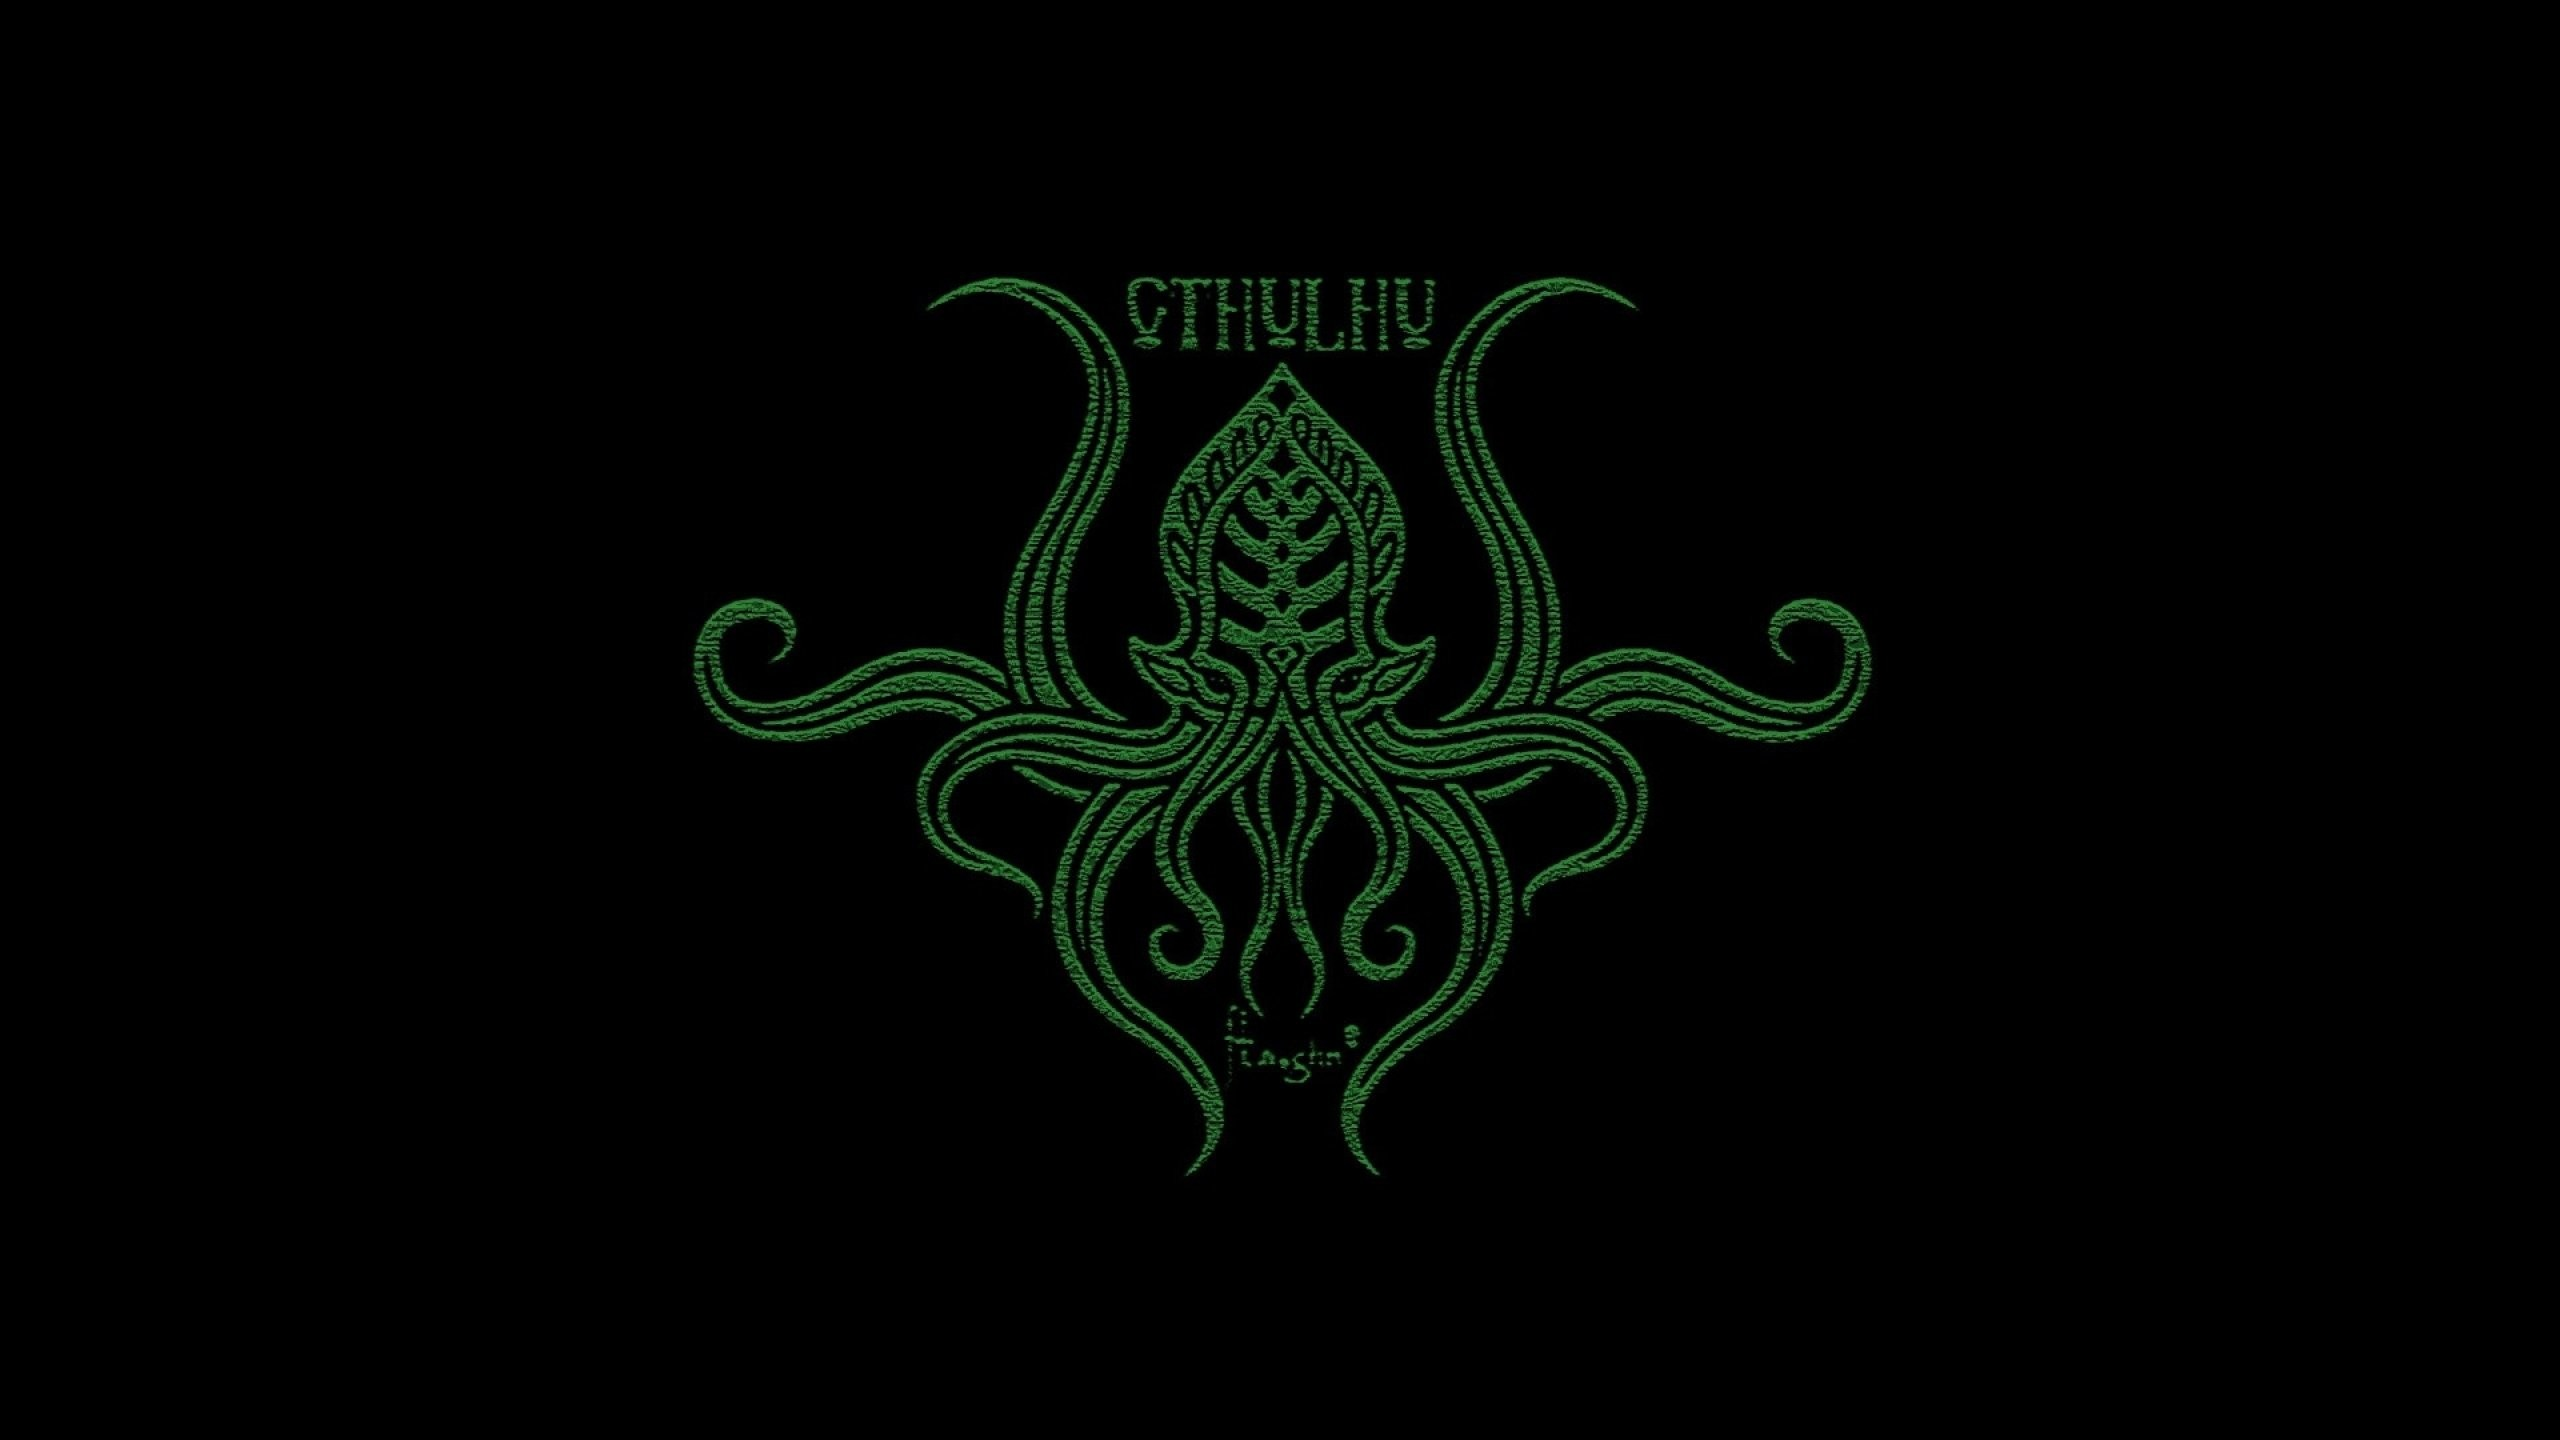 Fantasy art artwork monster creature octopus Cthulhu wallpaper |  | 799055 | WallpaperUP